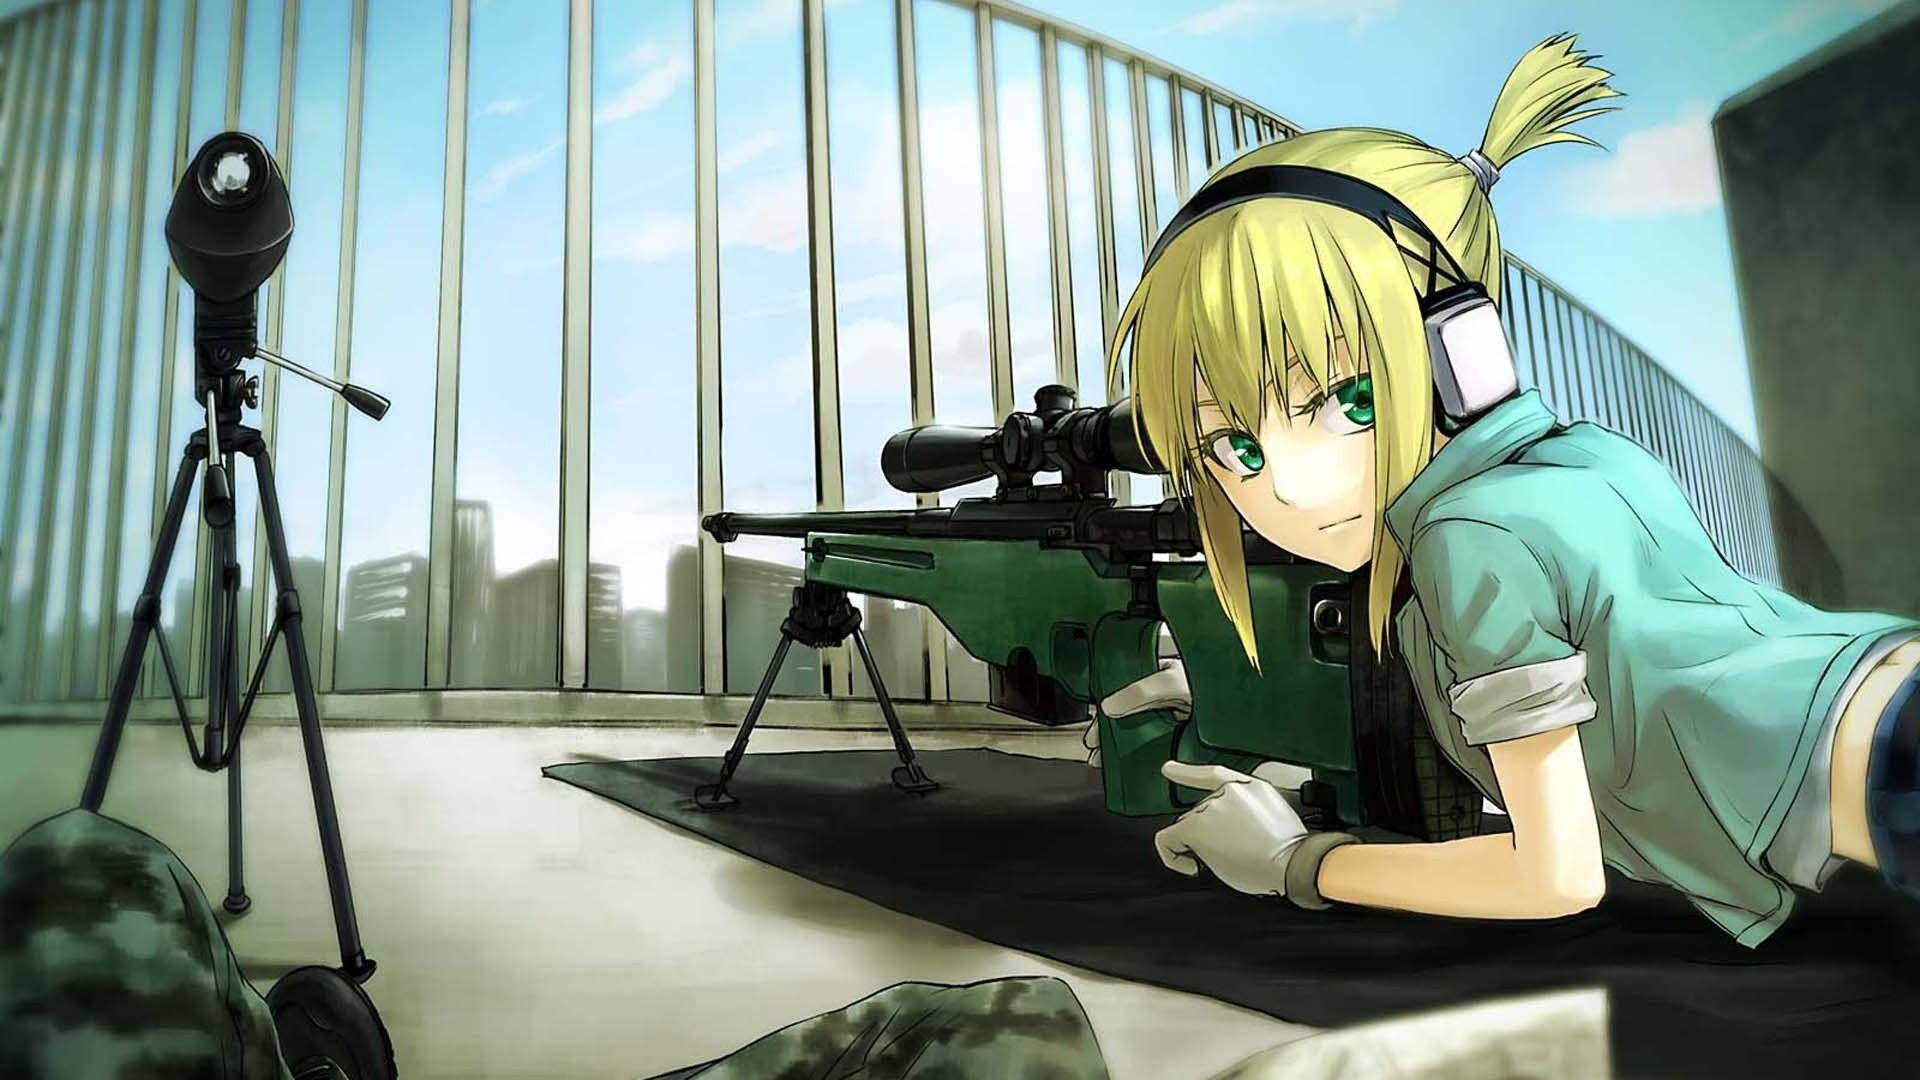 Anime Anime Girls Wallpaper No 239255 Hd Anime Wallpapers Anime Wallpaper Anime